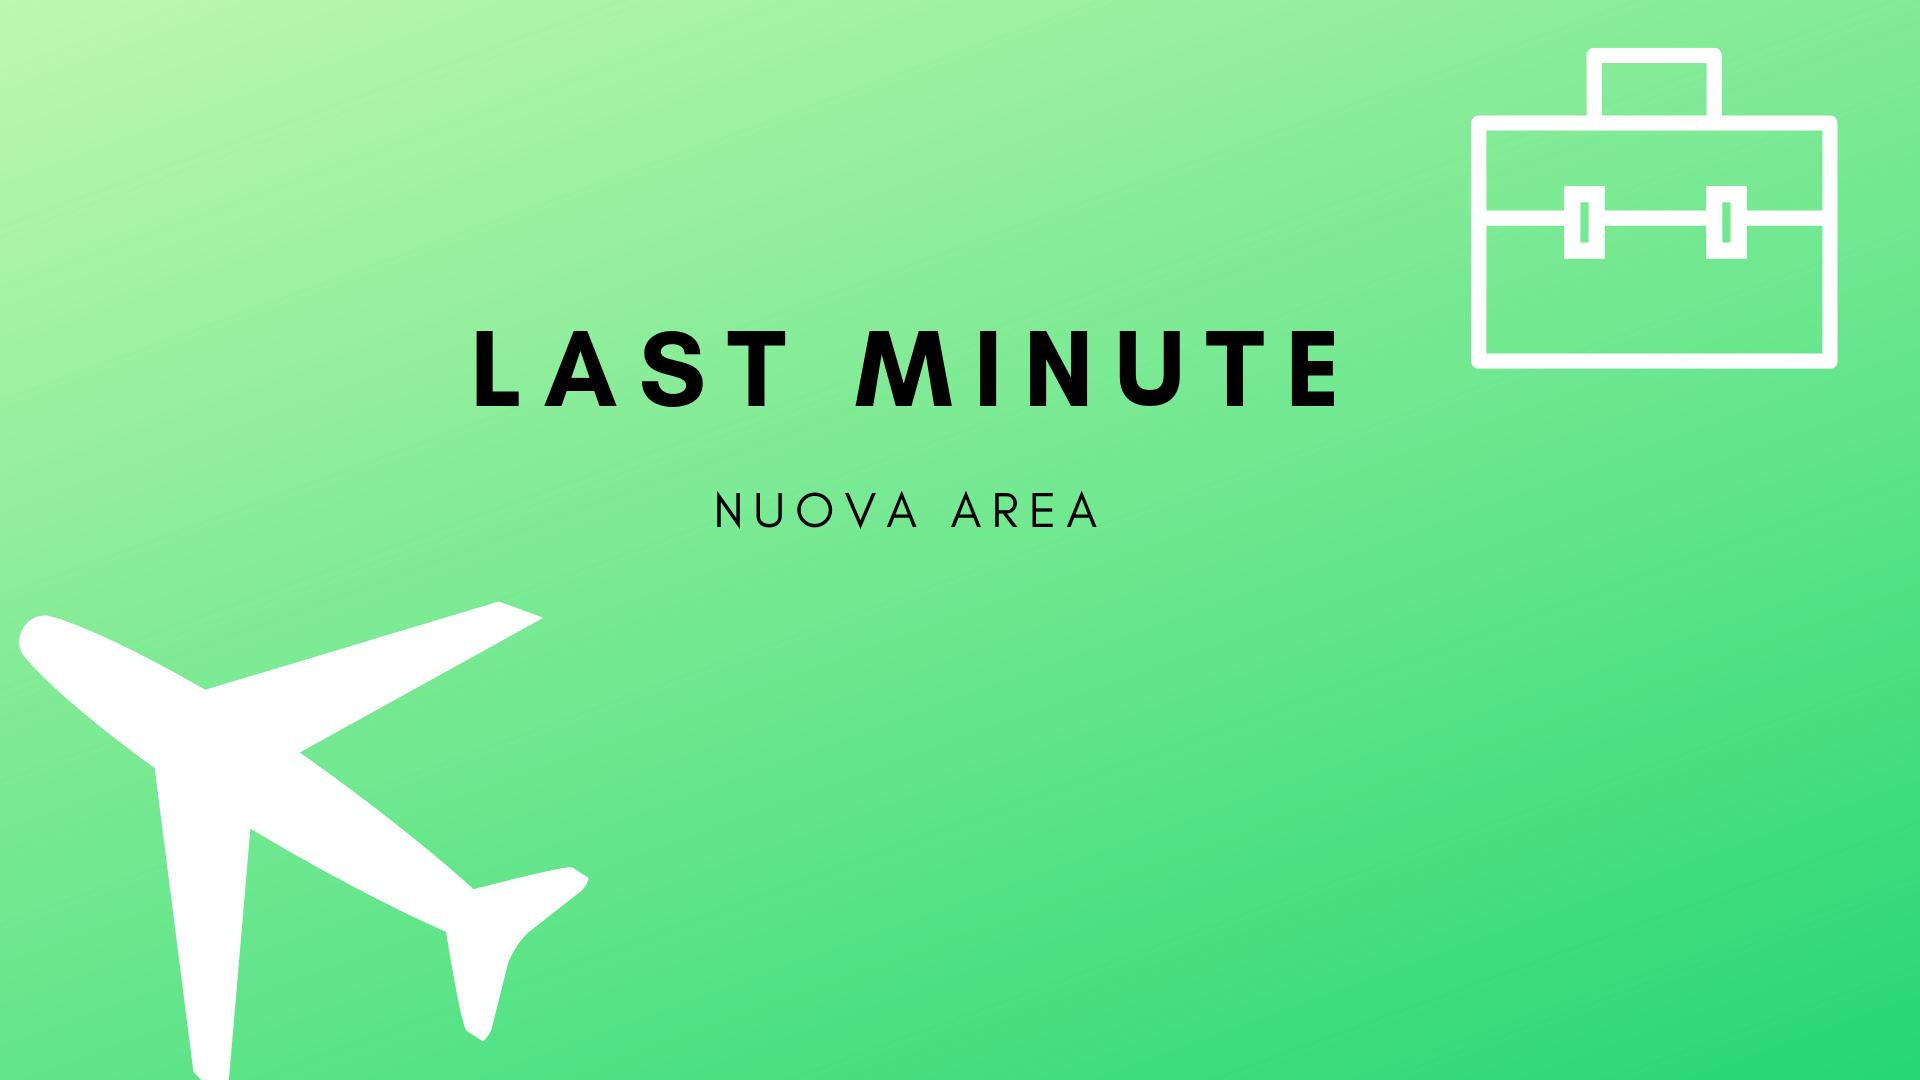 Nuova area last minute!